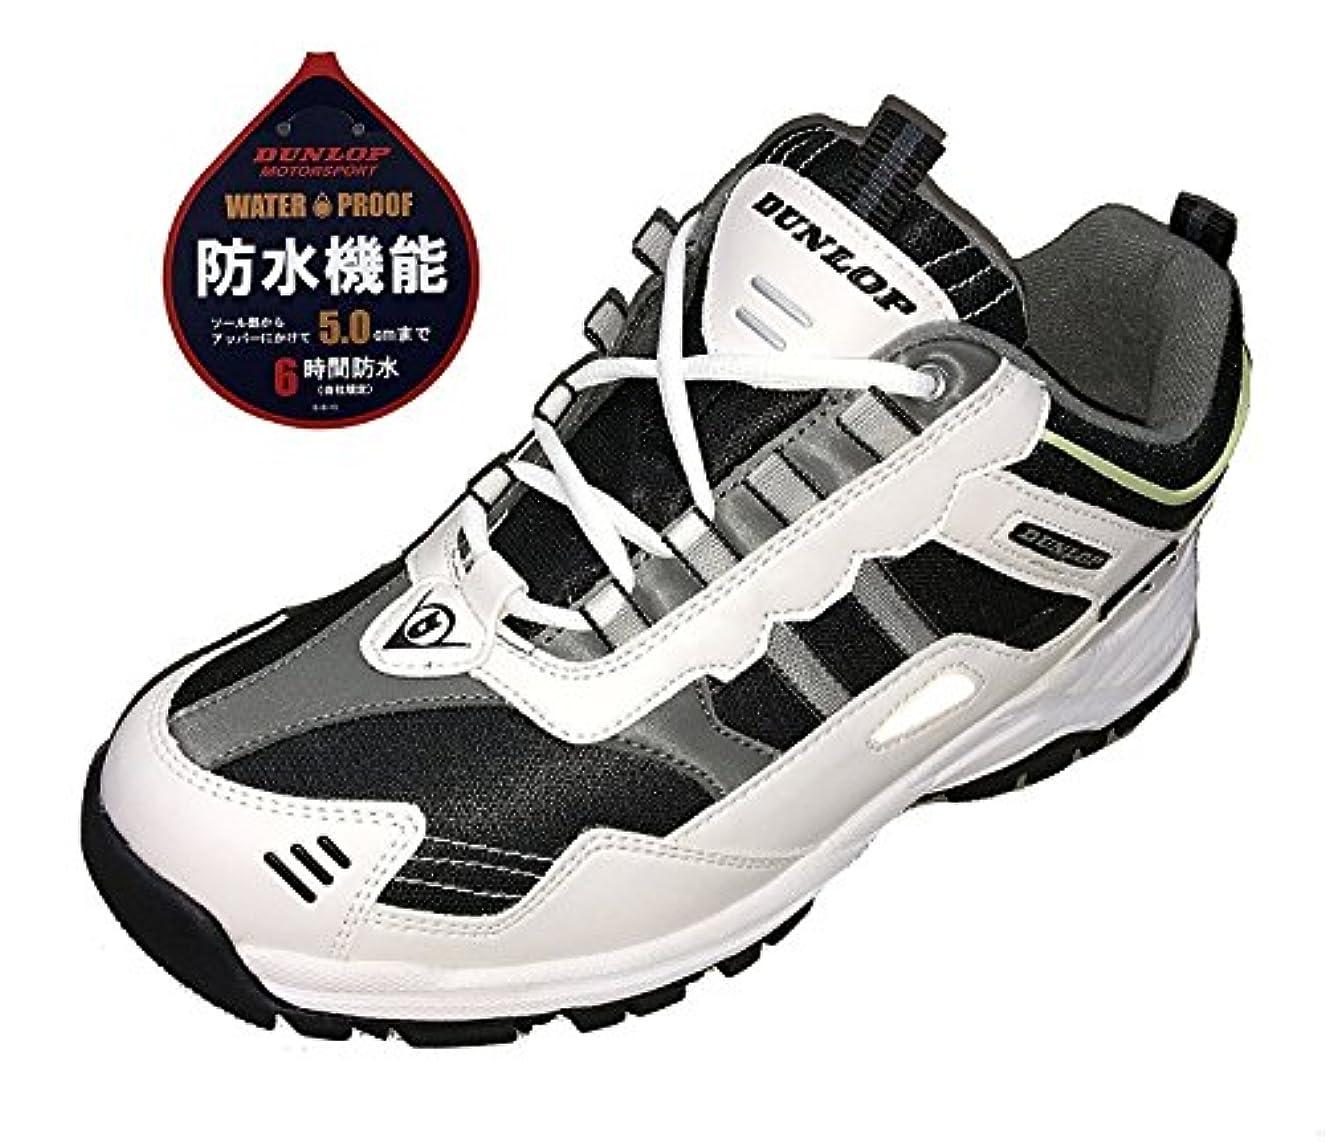 職業渦欺ユニエースライト 878 DL878 防水 防寒靴 滑りにくいセラミックソール